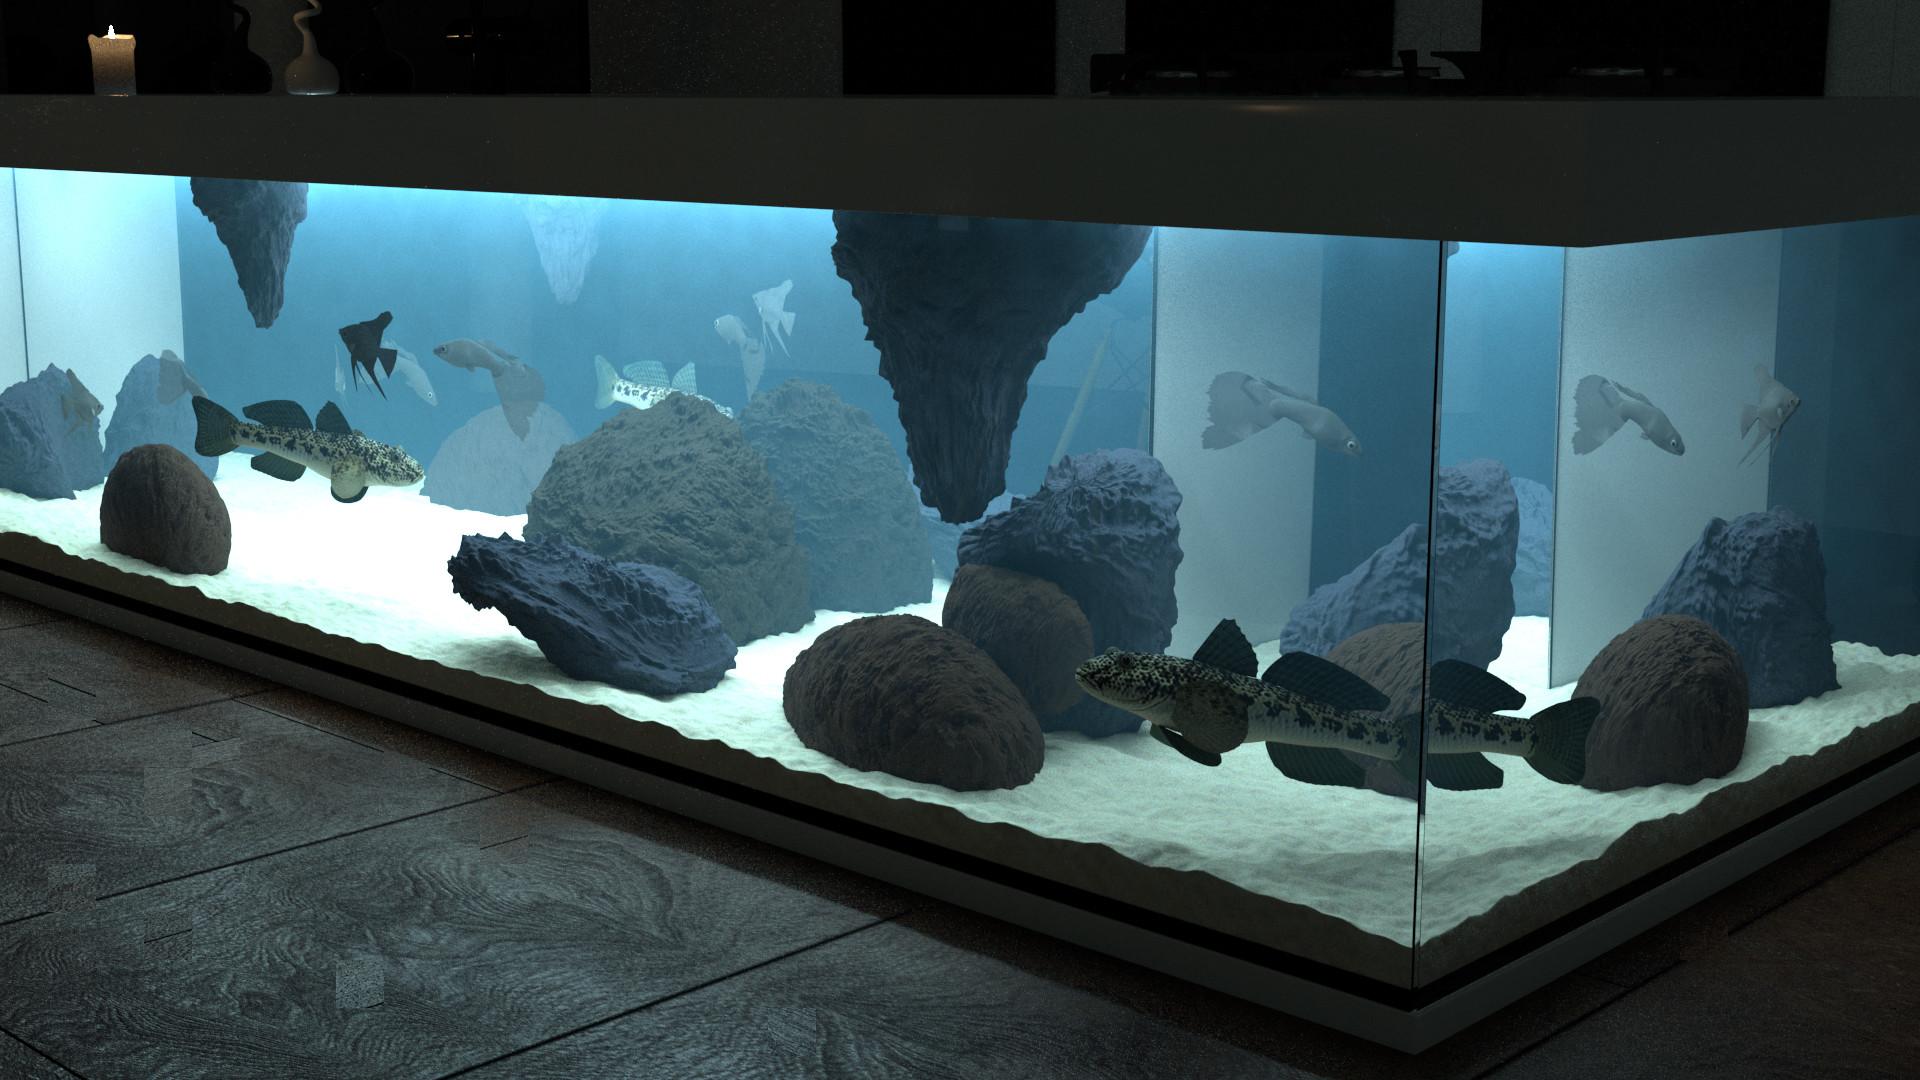 ArtStation - Day & Night Interior Aquarium Kitchen, Rasmus Jensen